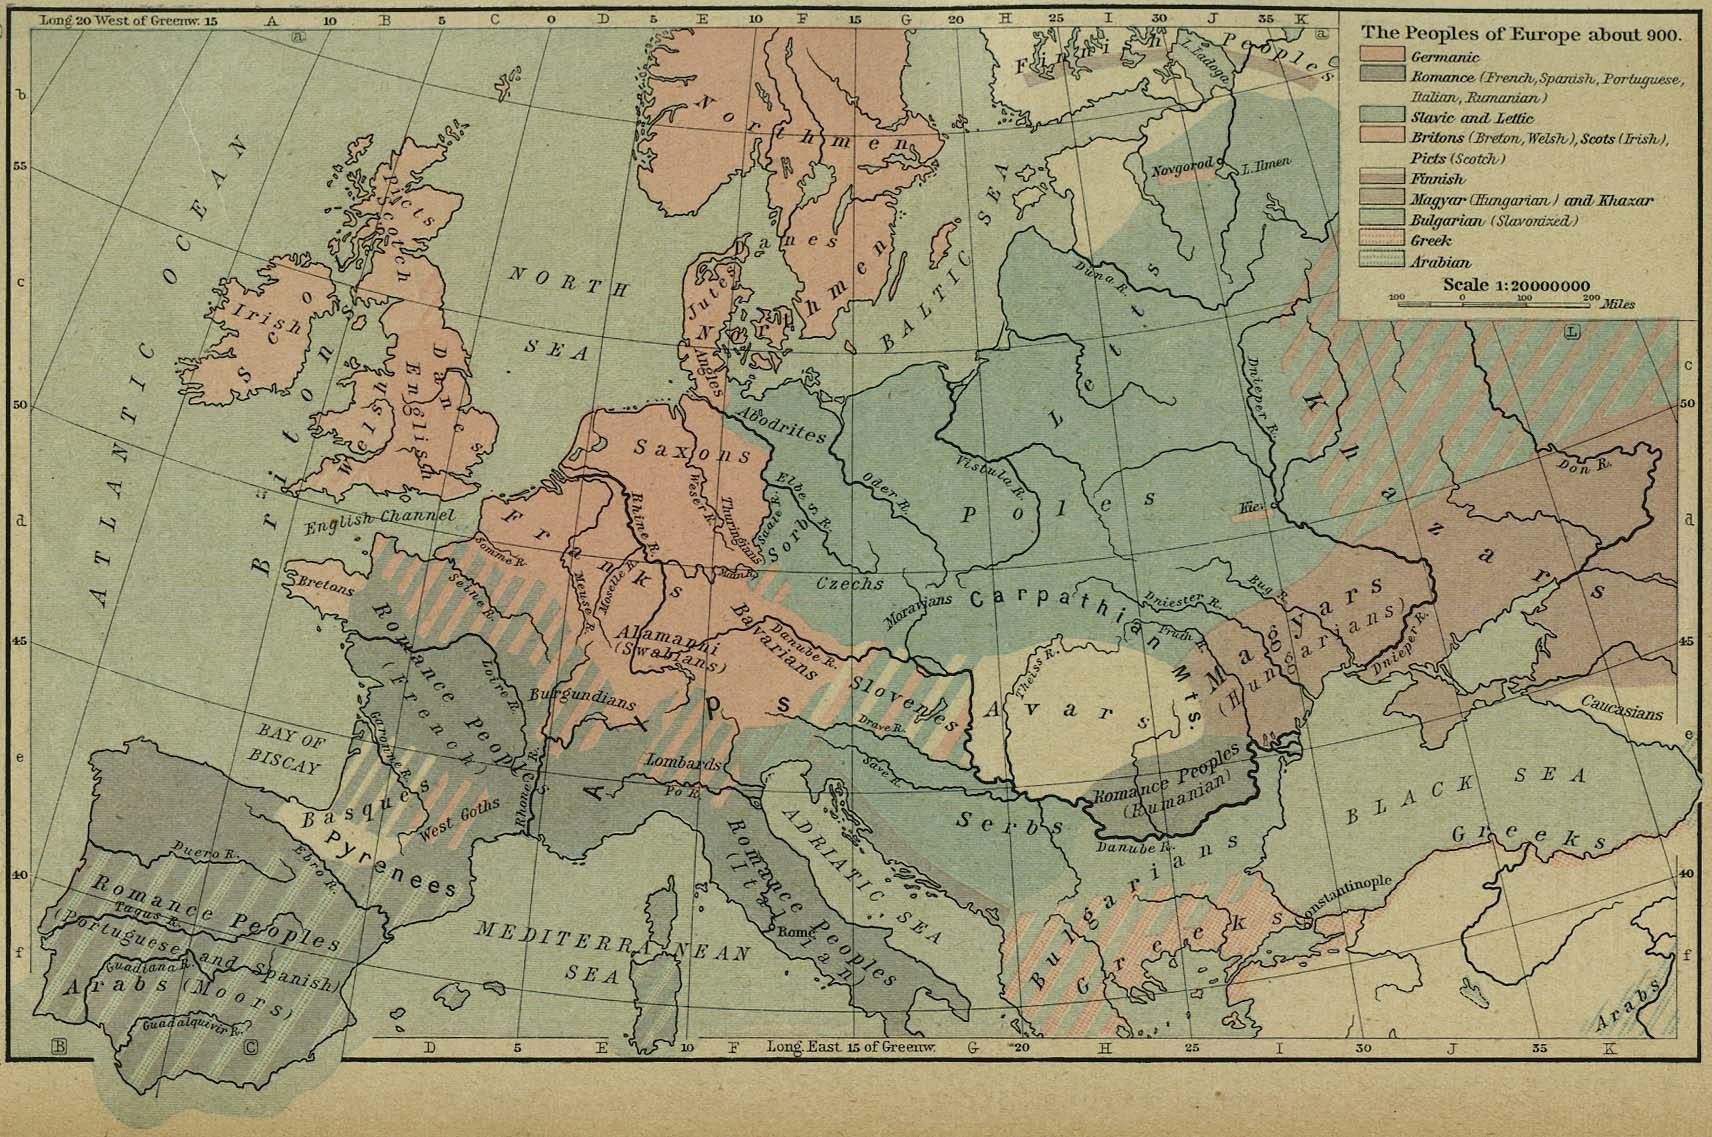 Europa Harta Populatiei Anul 900 Profu De Geogra